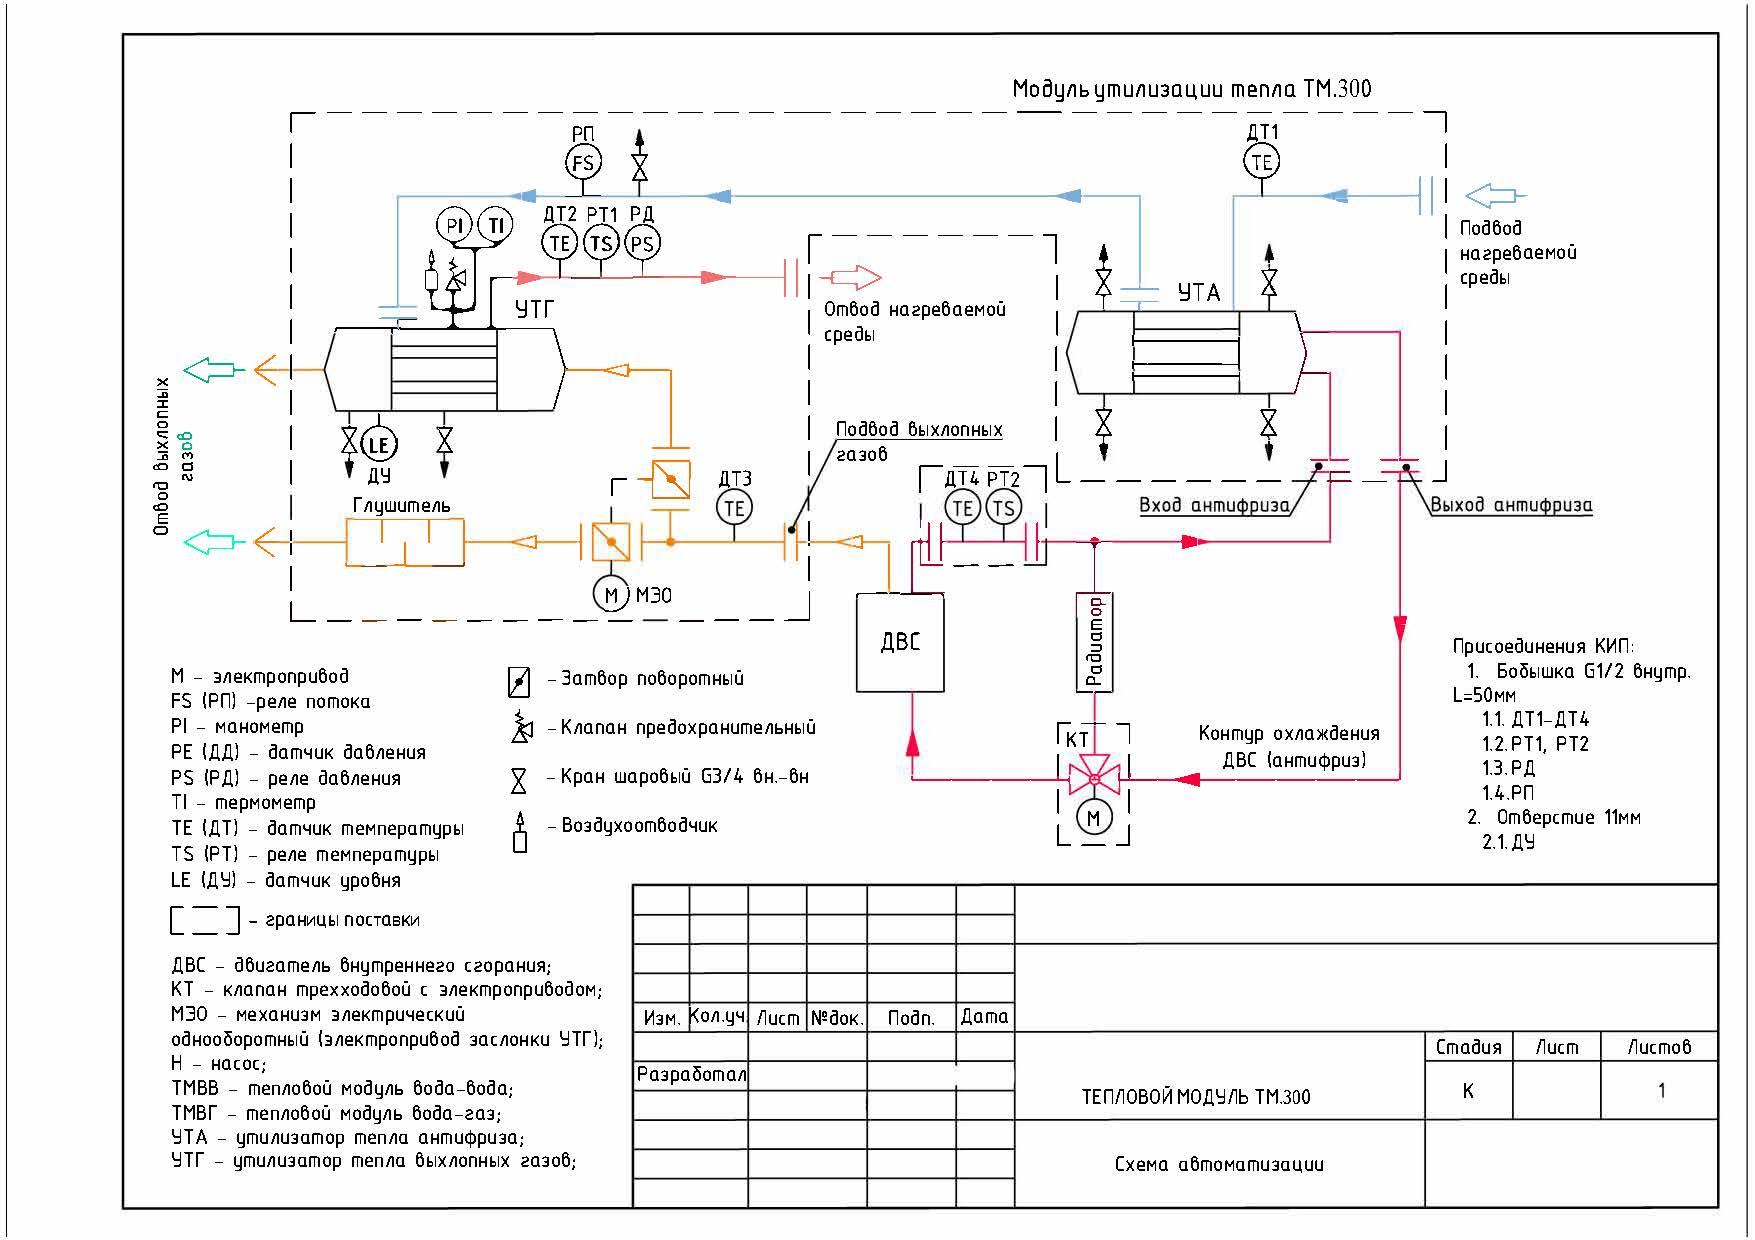 Схема автоматизации теплового модуля ТМ.300